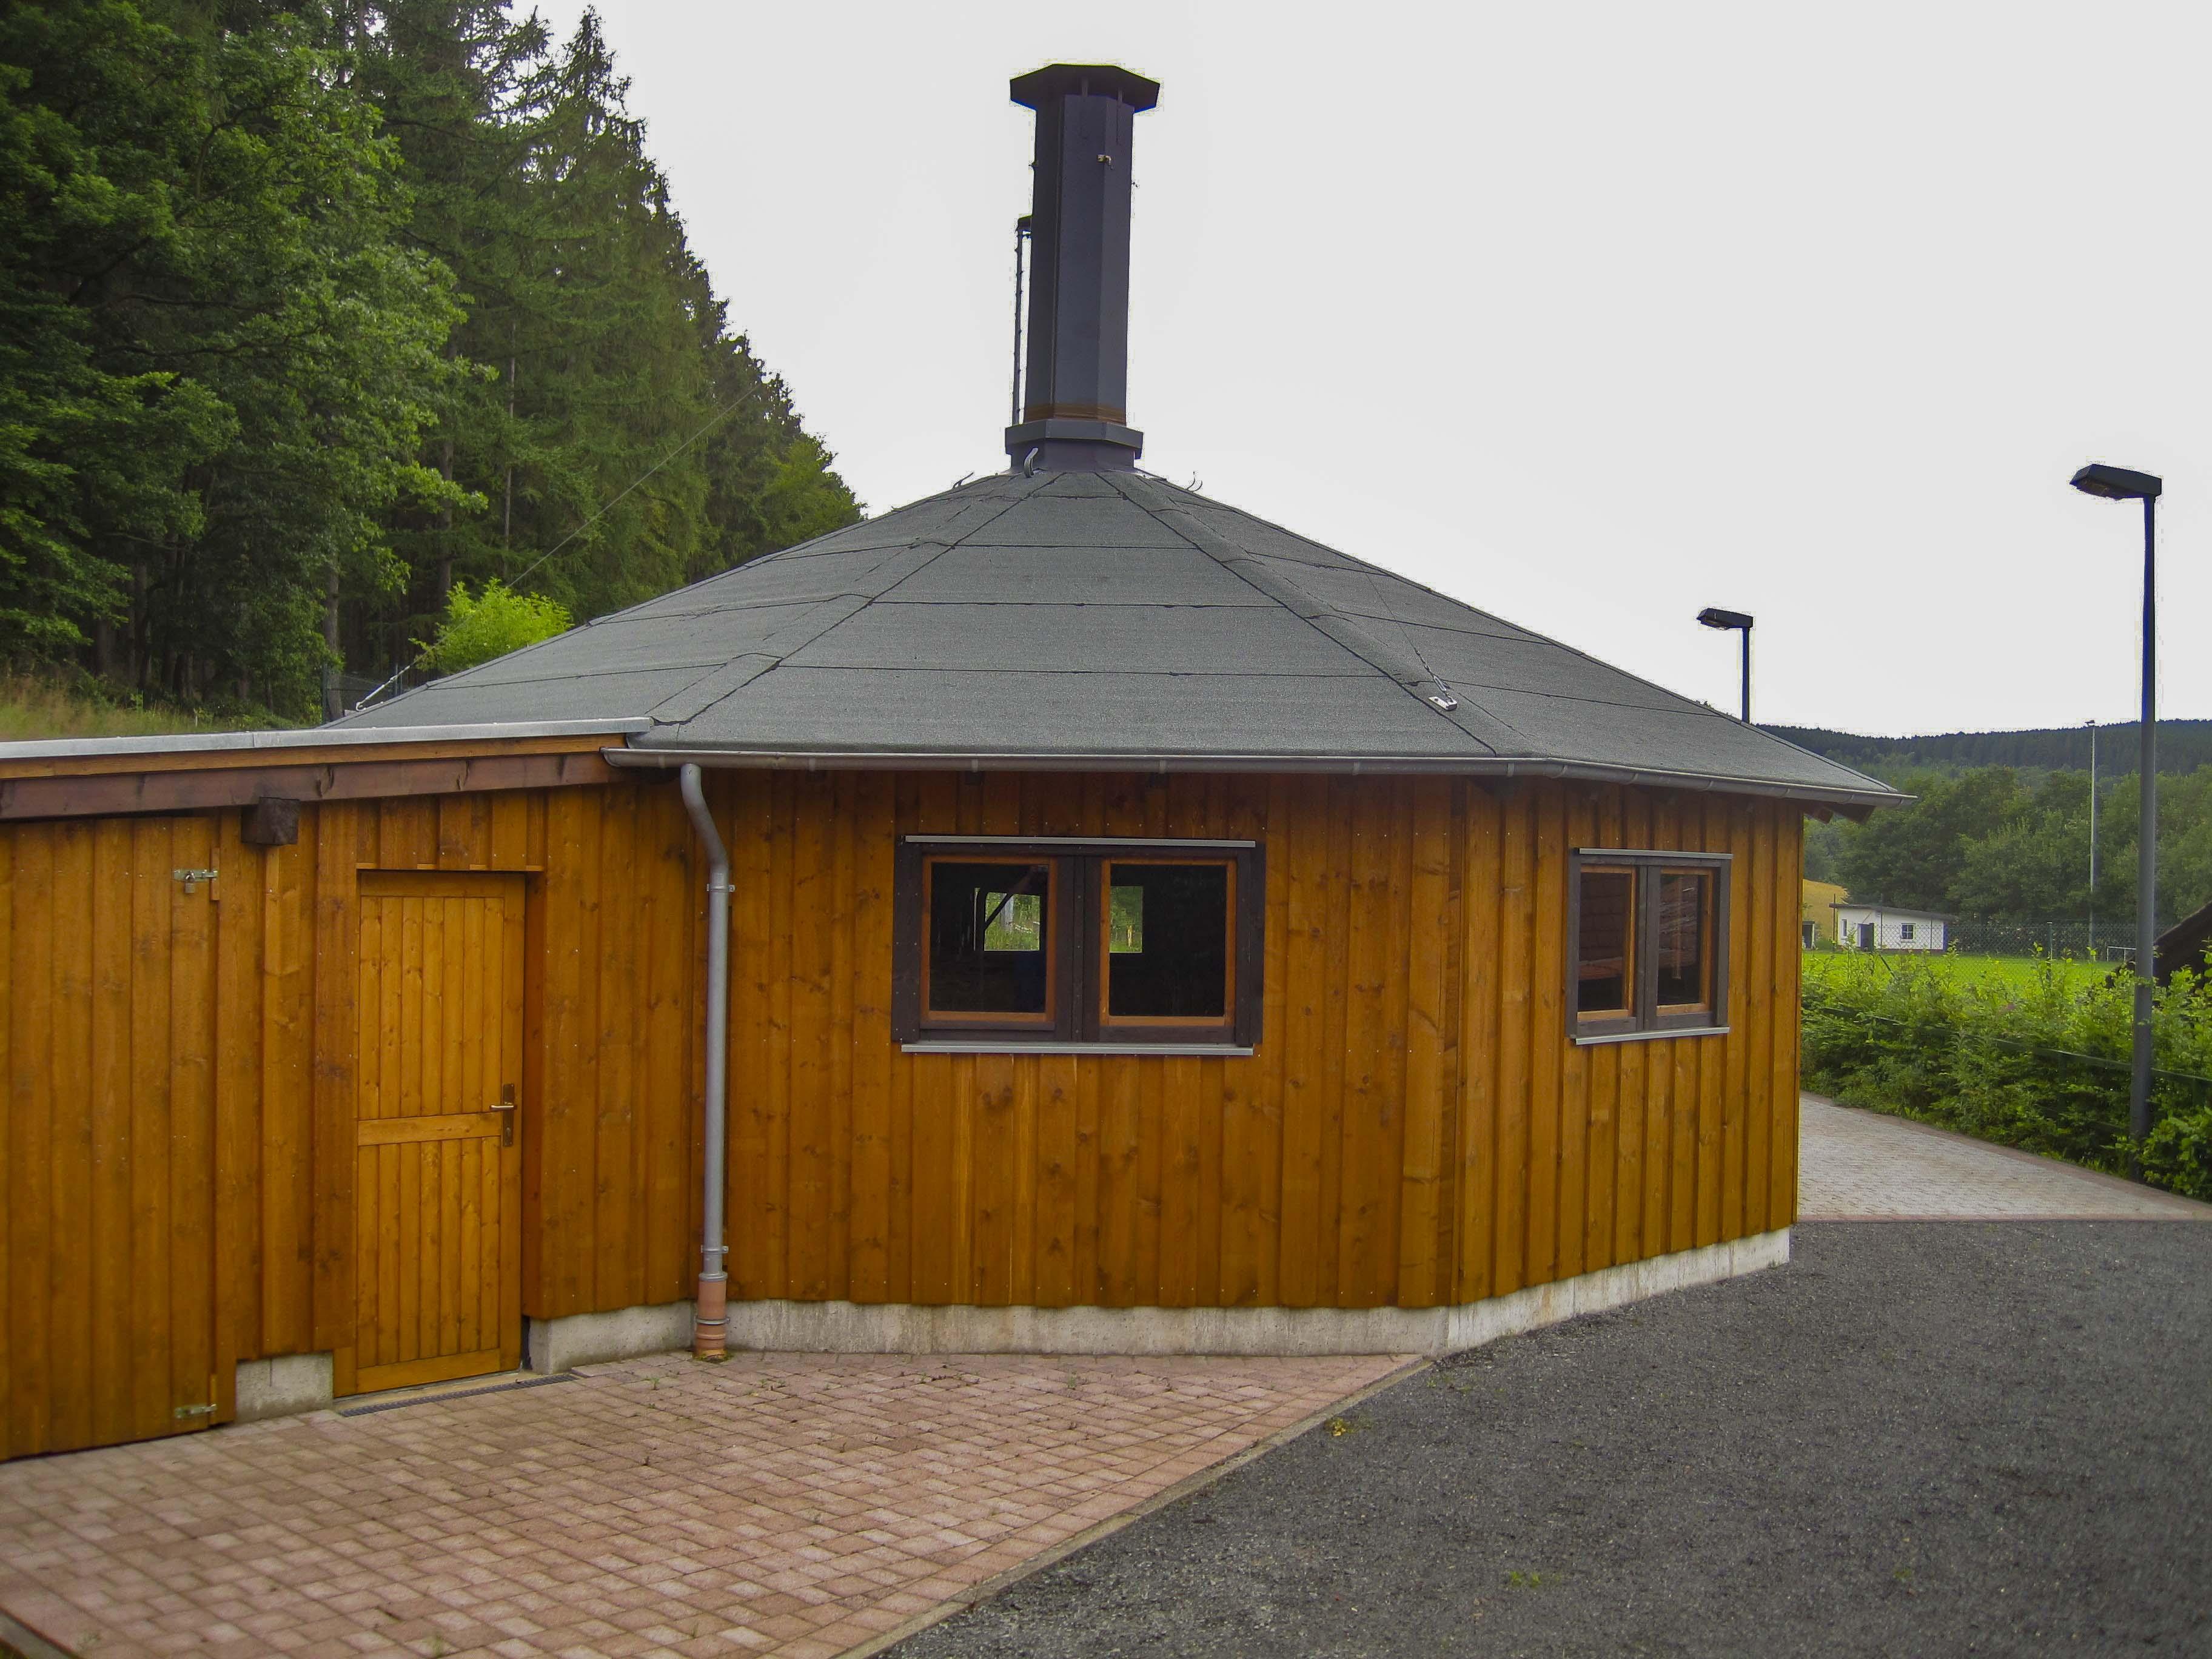 Grillhütte Neroth, 31. Juli 2012